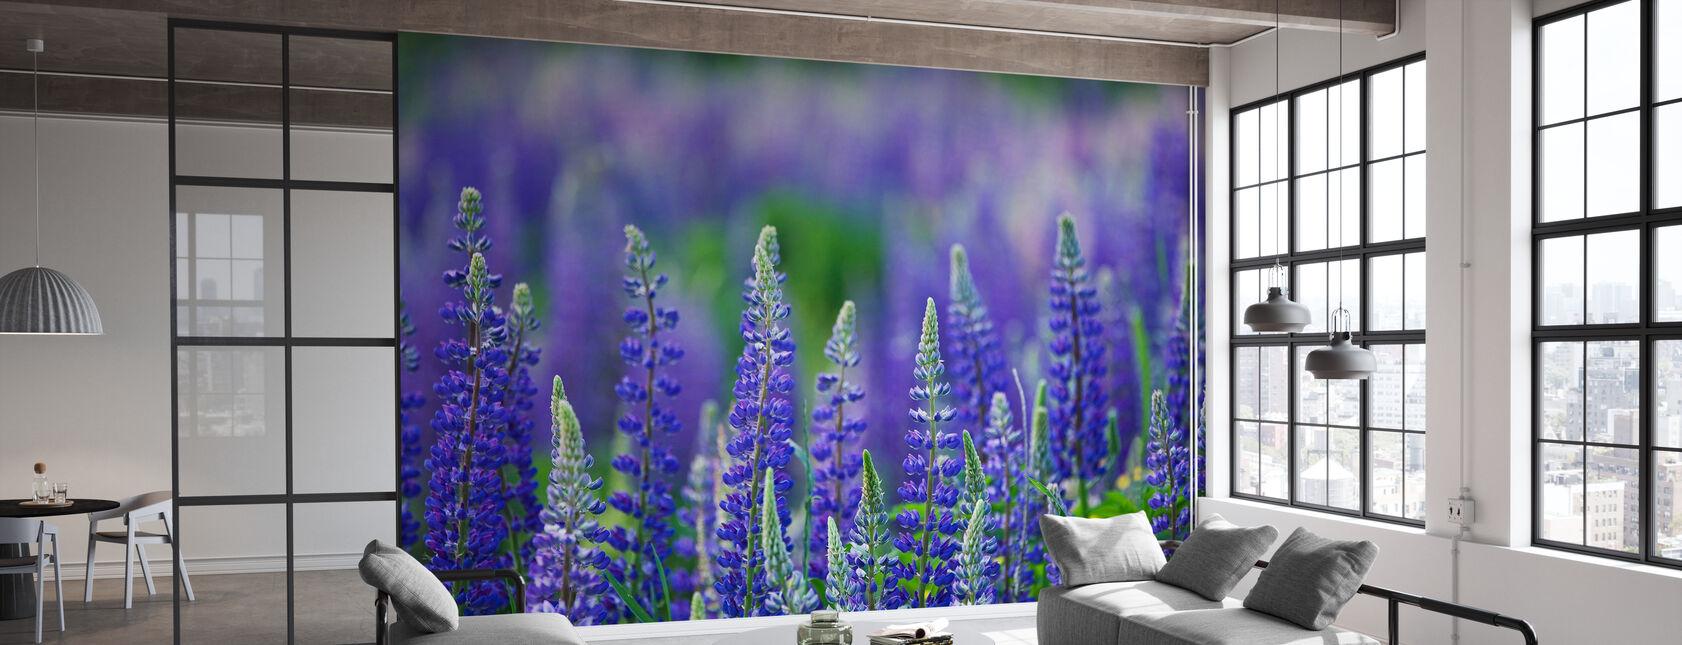 Blue Lupins - Wallpaper - Office